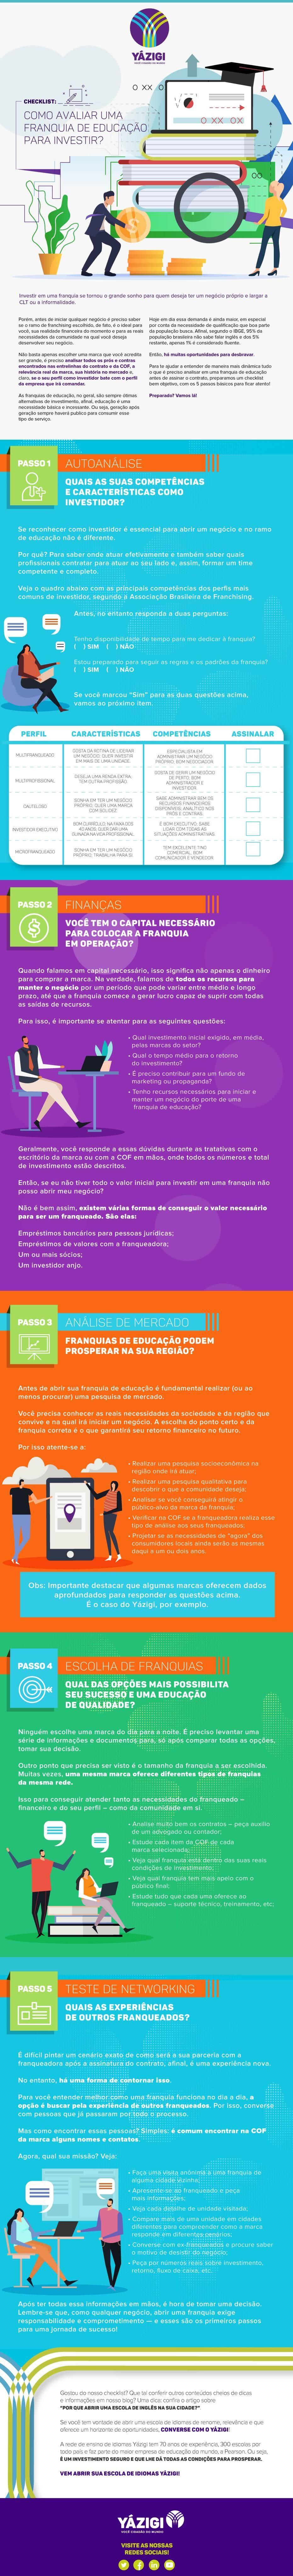 infográfico Yázigi, como avaliar uma franquia de educação para investir?